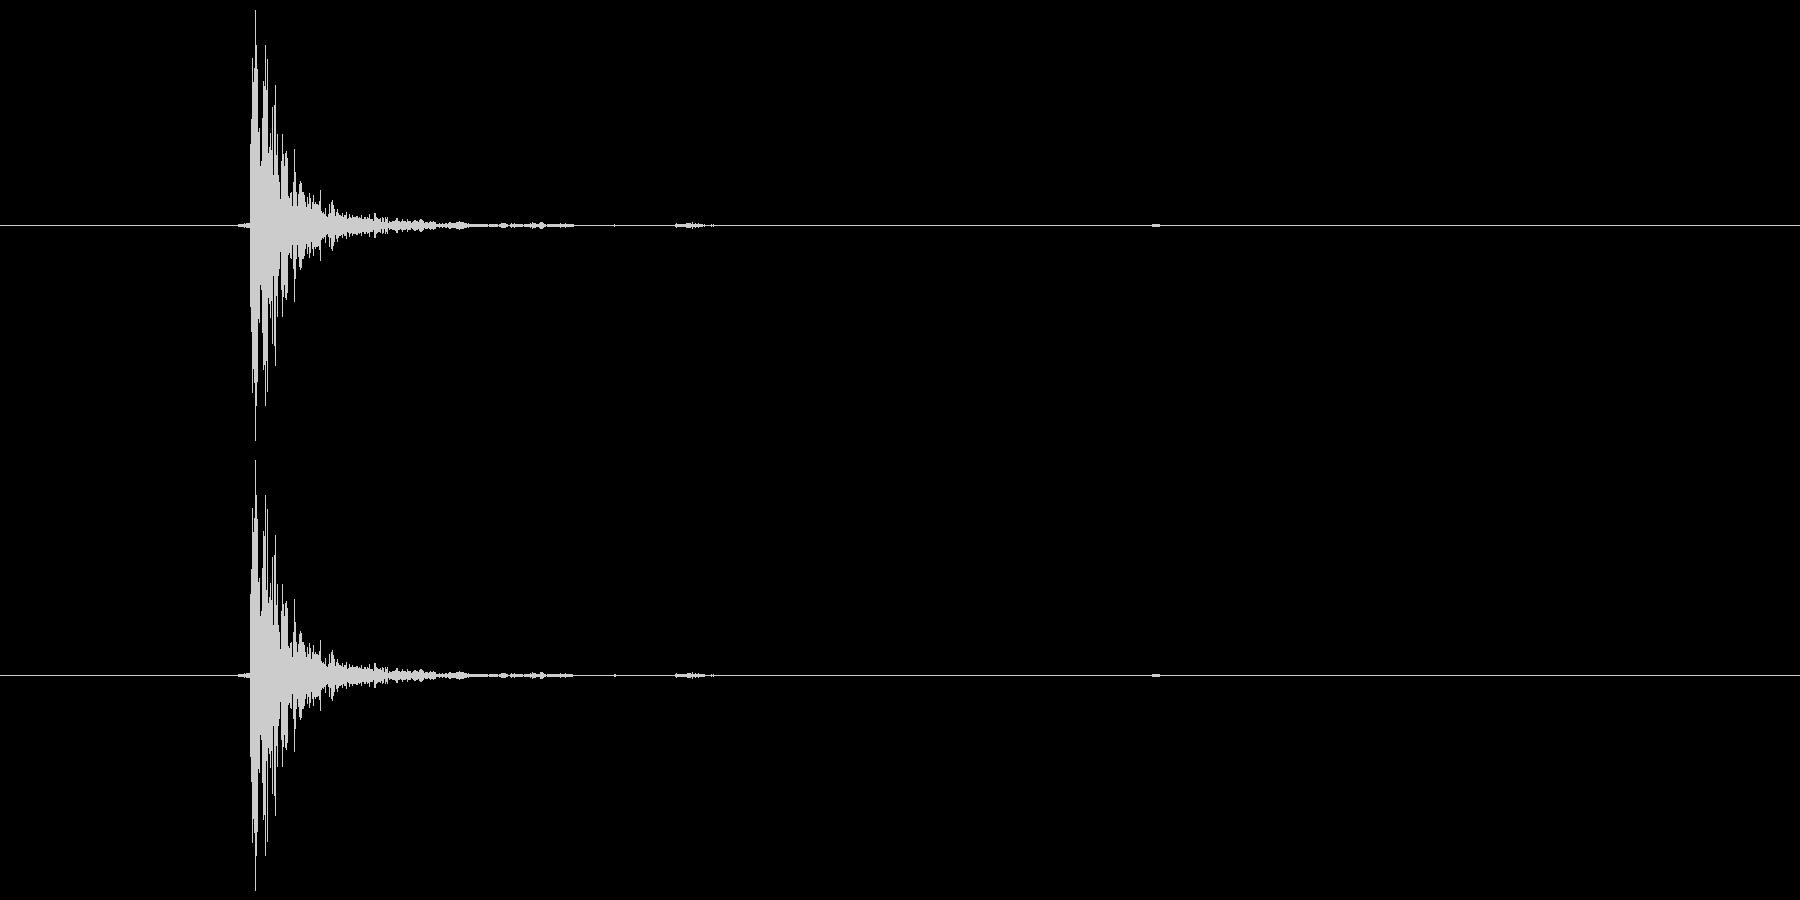 トンッ (軽い打撃音)の未再生の波形